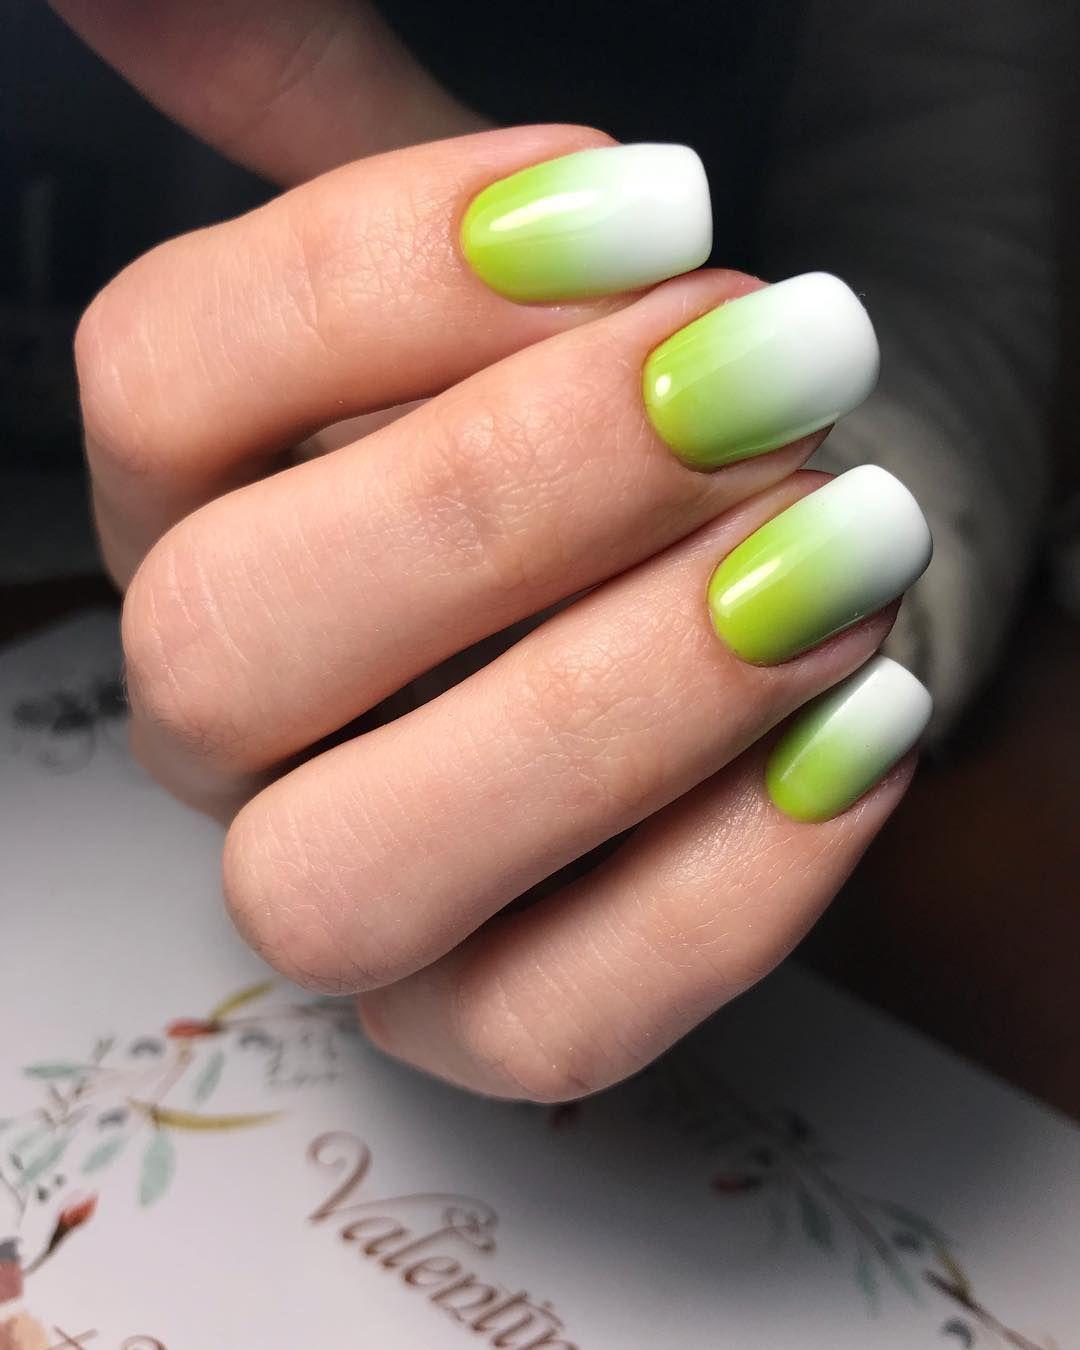 Дизайн ногтей омбре: красивые и модные варианты с фото, новинки 2018